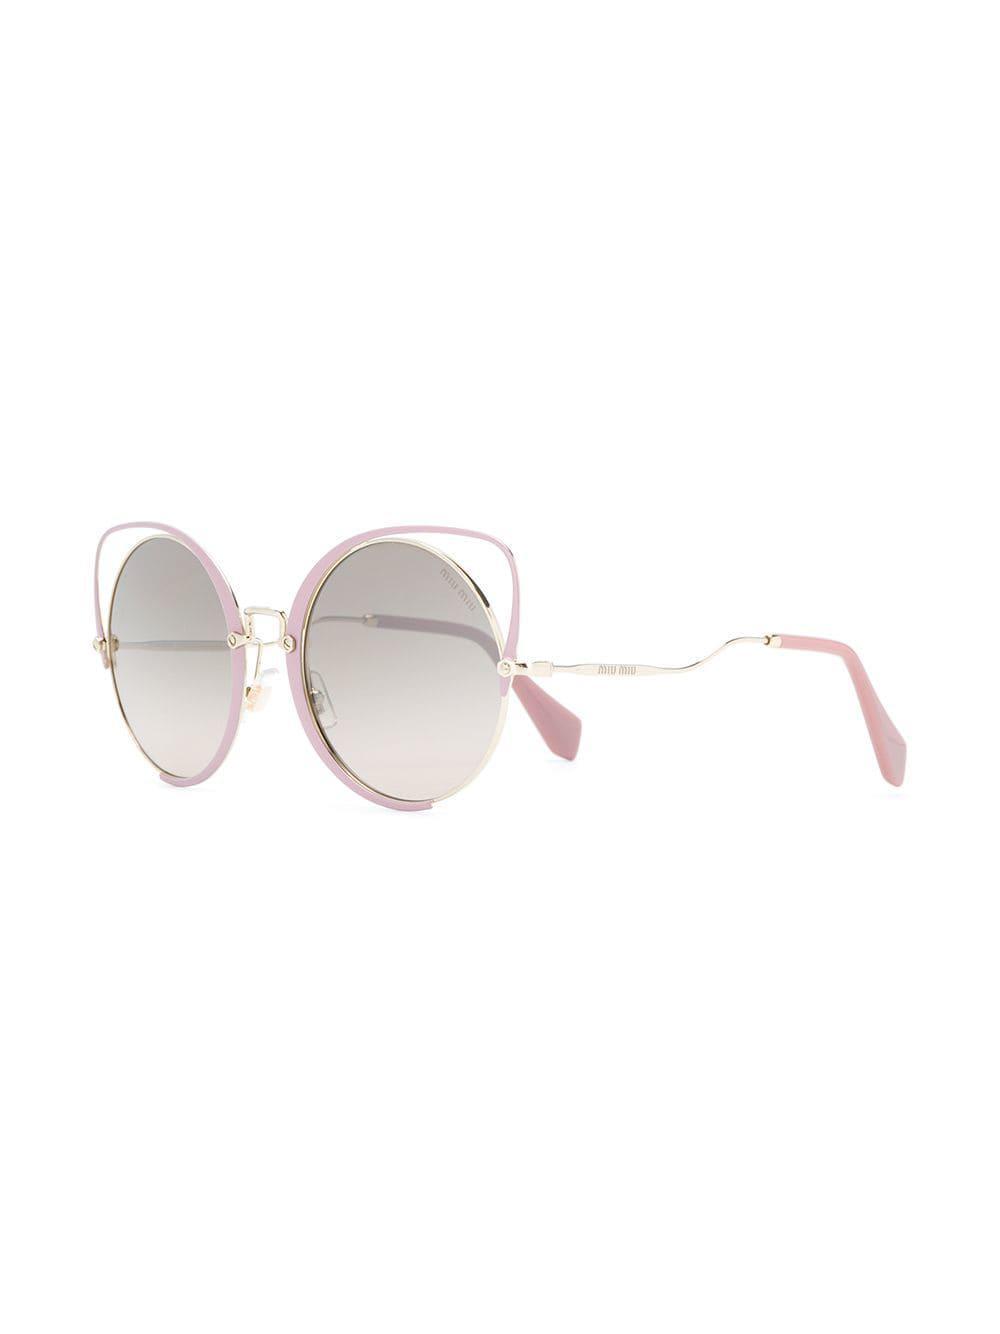 7a08db36a40 Miu Miu Scenique Sunglasses in Pink - Lyst